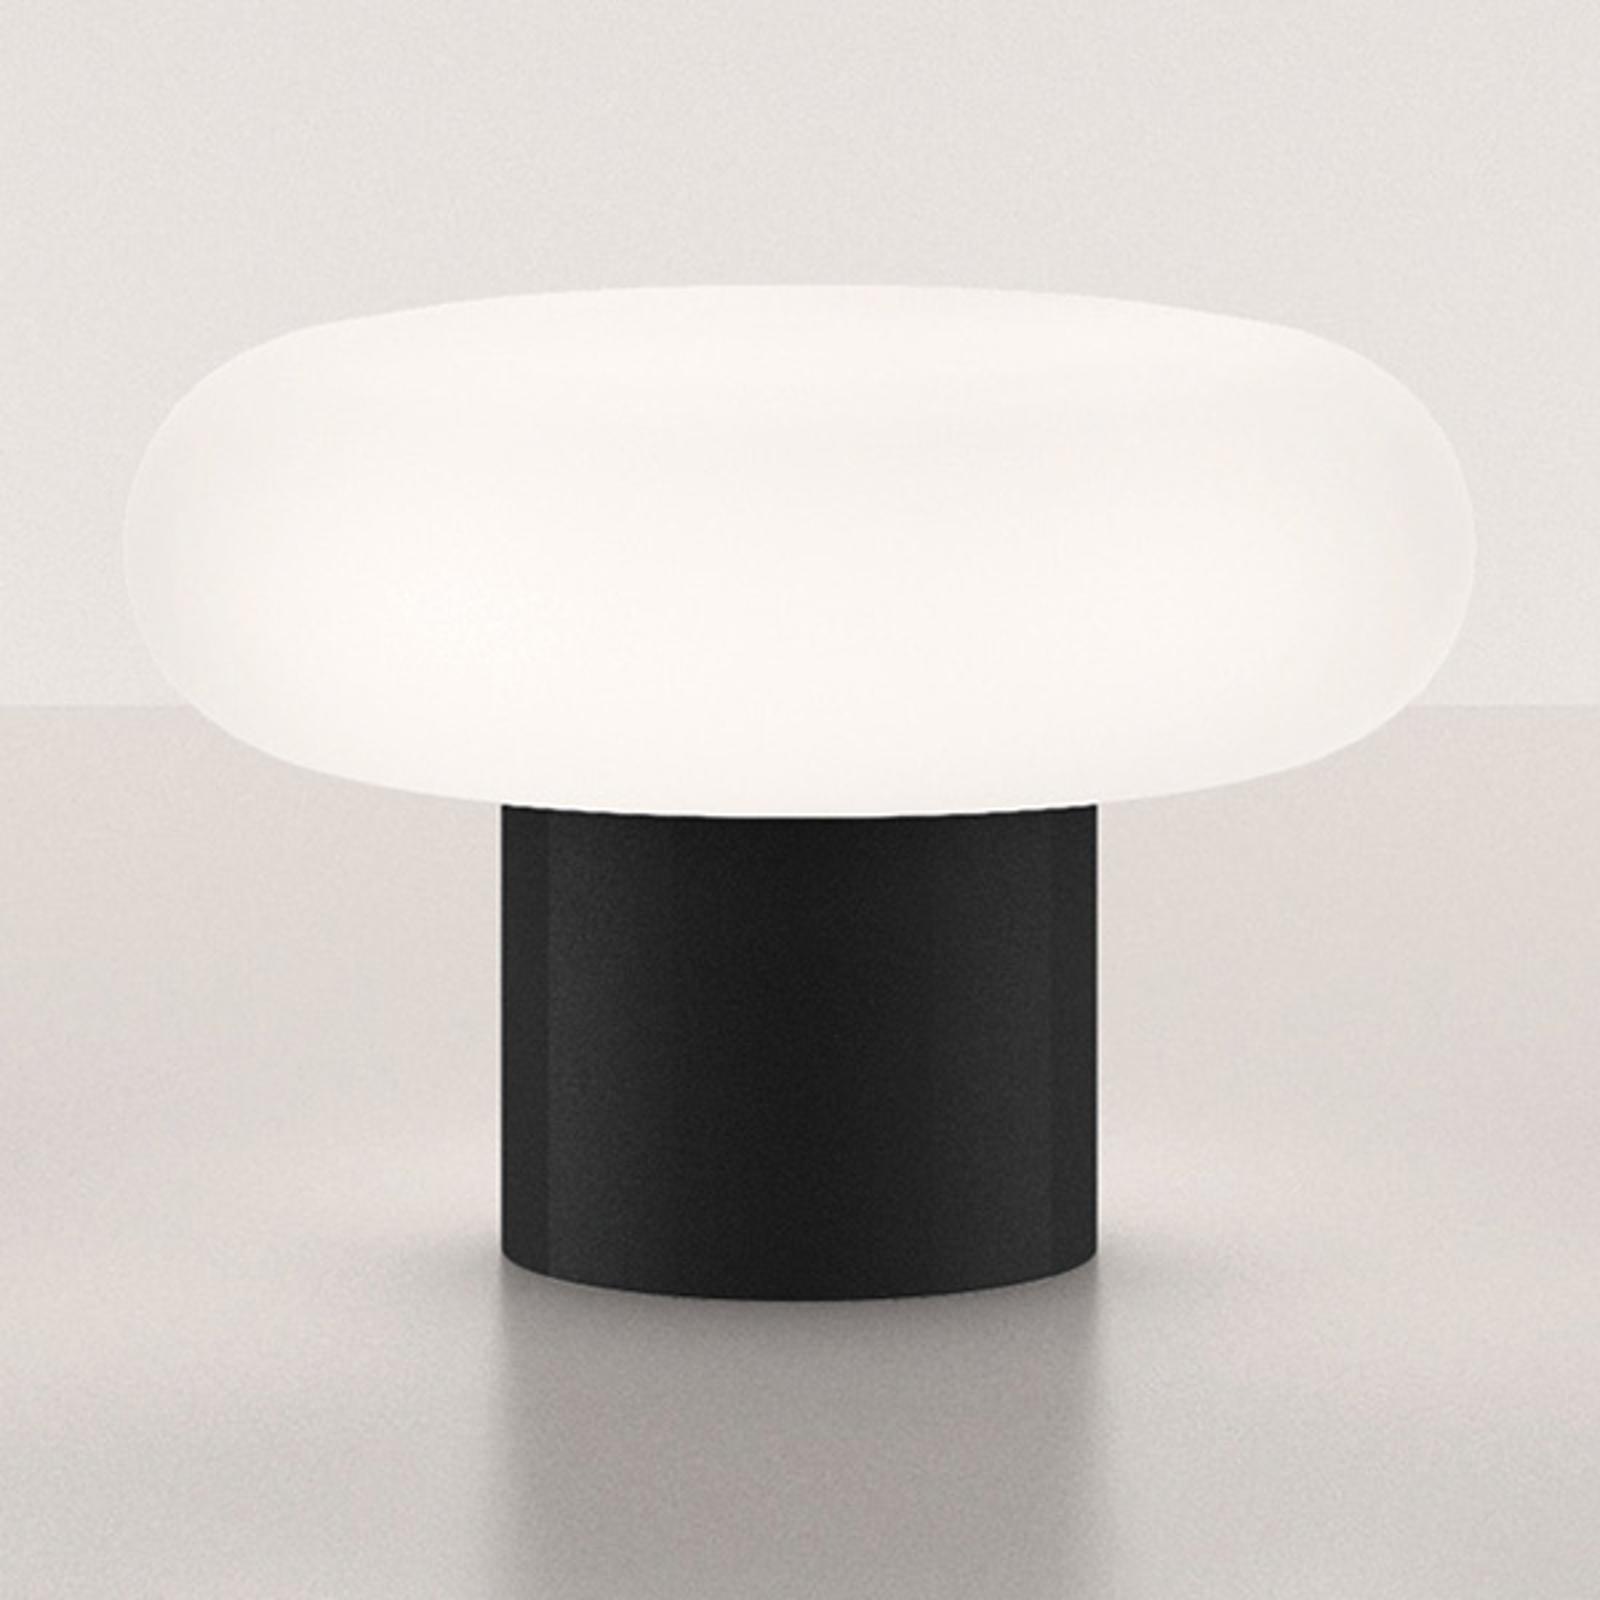 Artemide Itka stolní lampa keramická noha černá